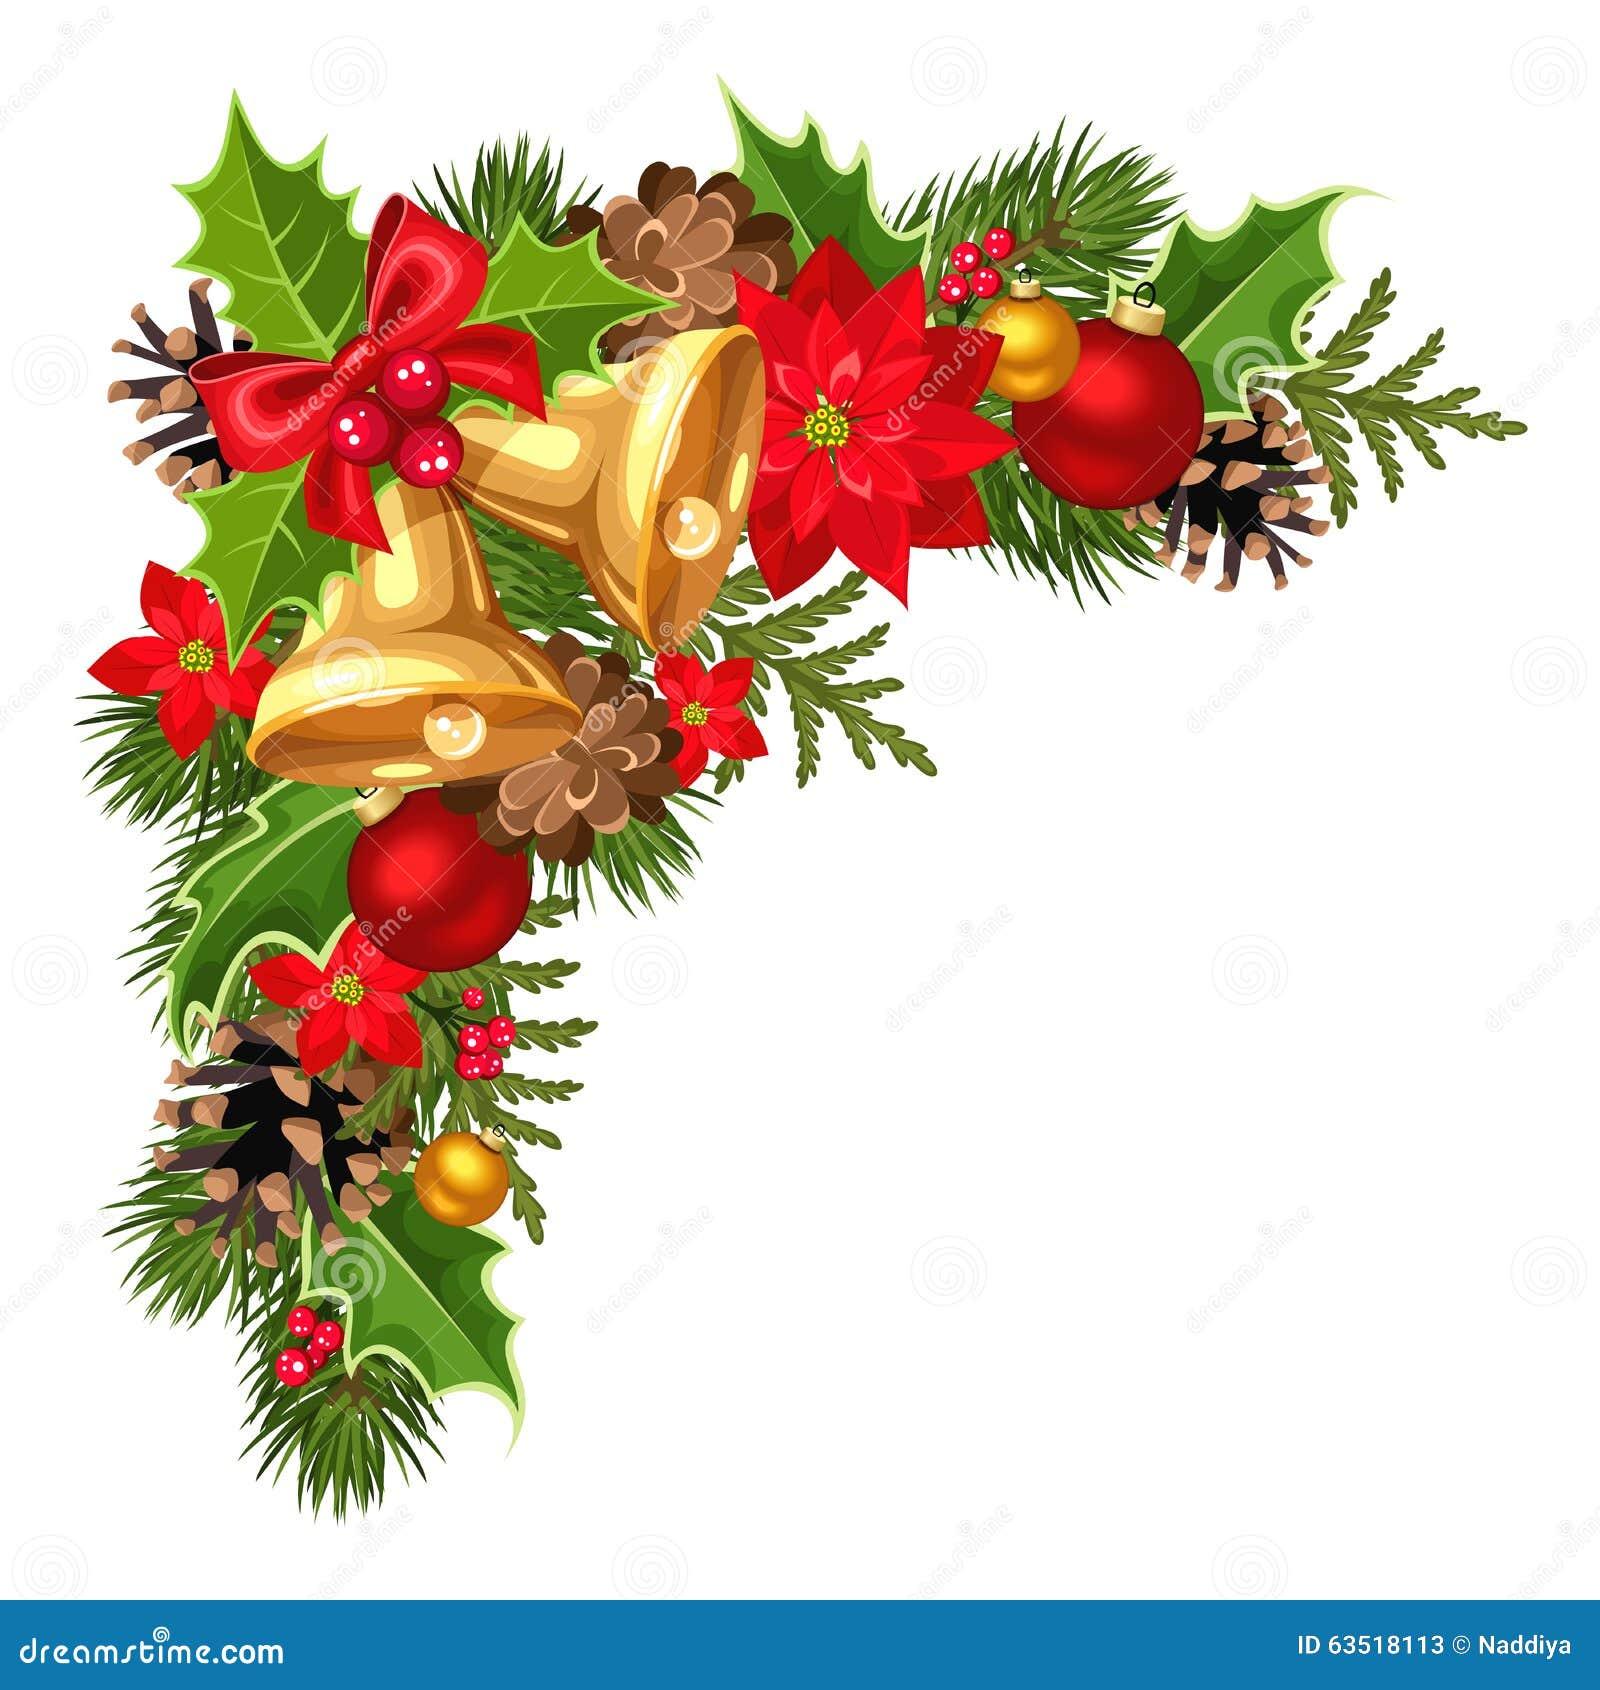 Animaux Decoratif Pour Noel